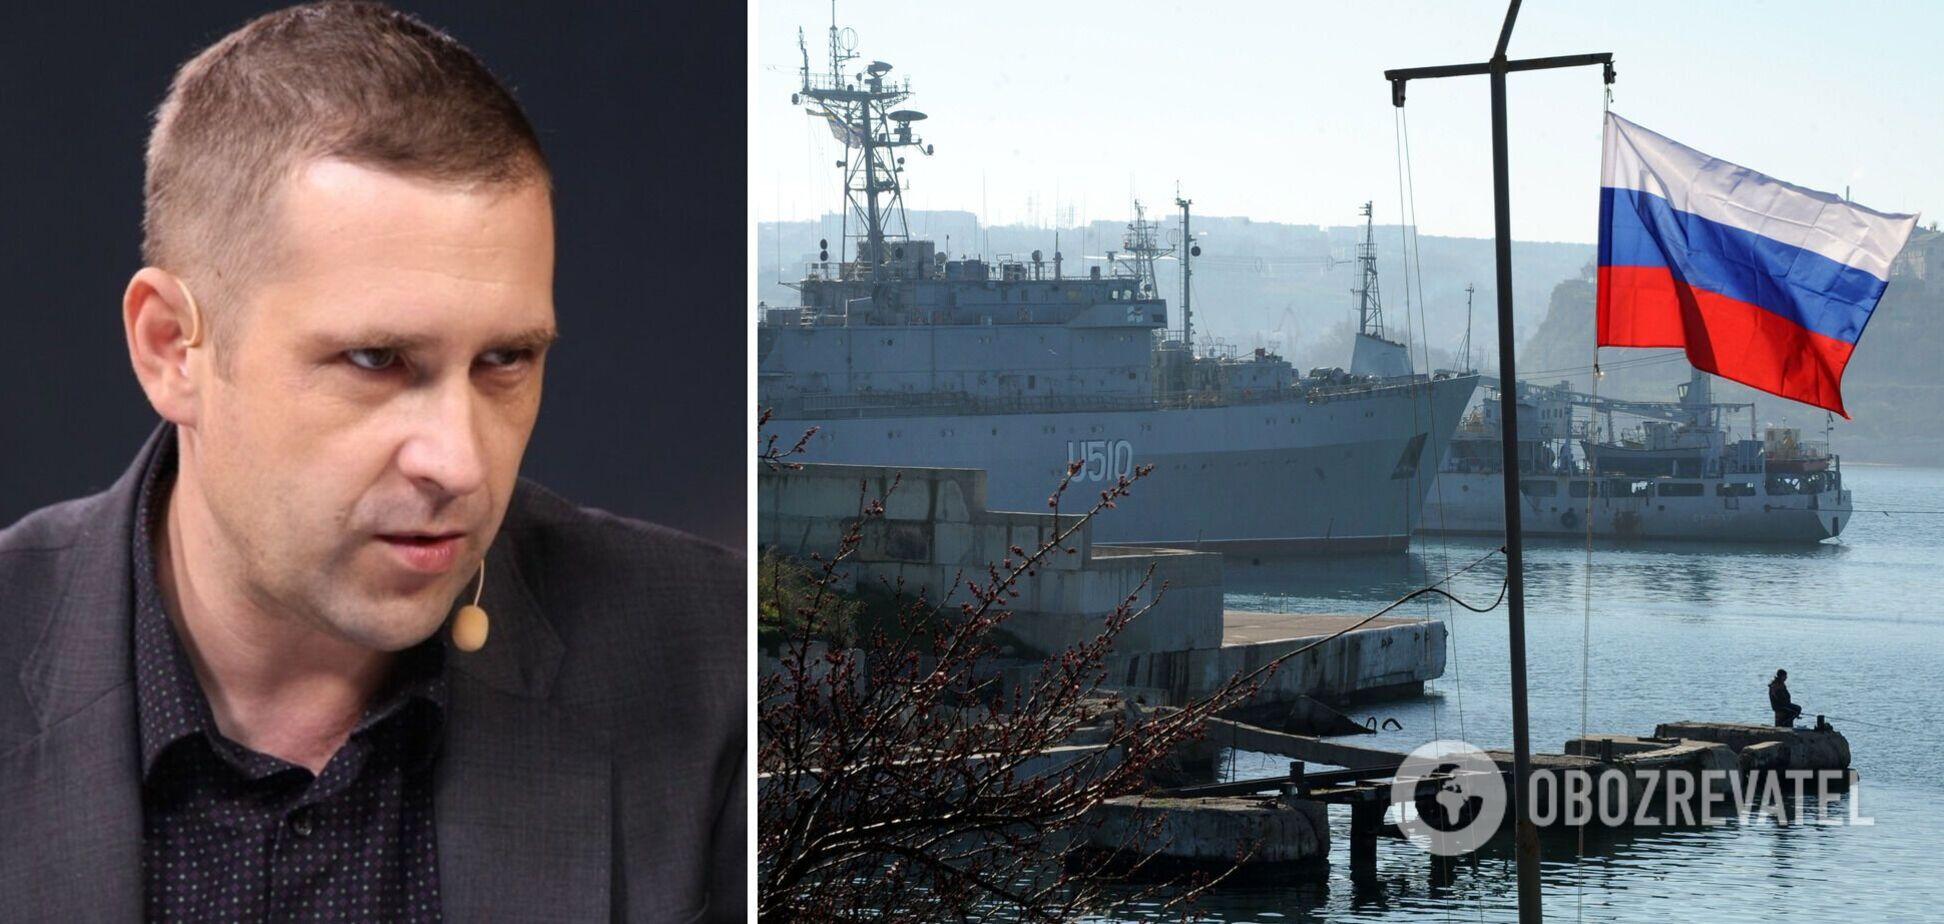 Бабин: деоккупация Крыма может произойти через 3-4 года, если Украина выстоит